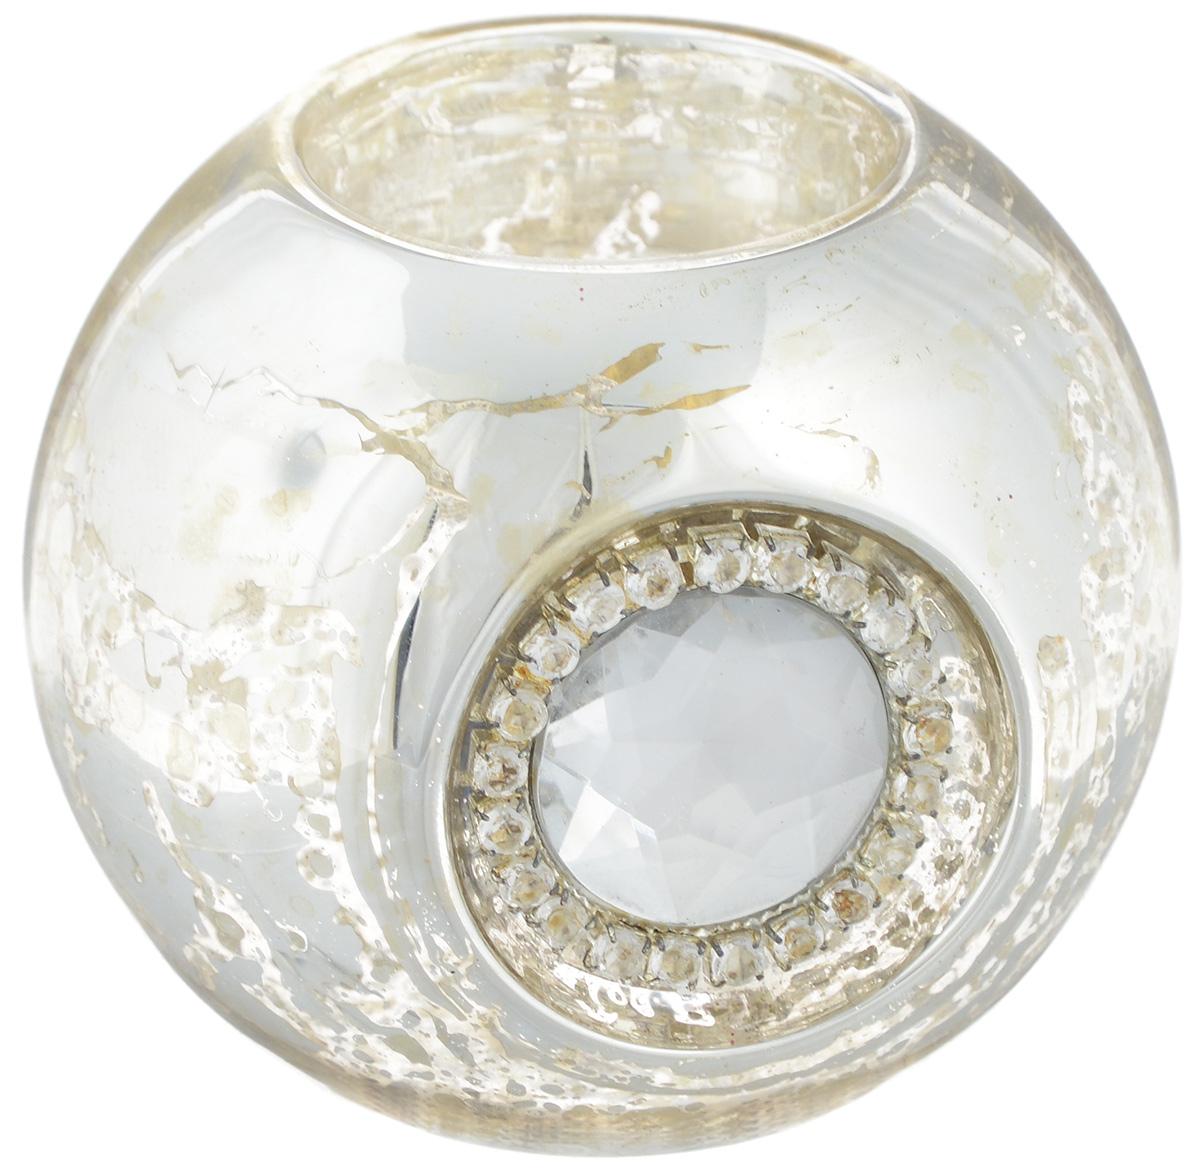 Подсвечник Lovemark Шарик, цвет: серебристый, диаметр 8 смБрелок для ключейПодсвечник Lovemark Шарик изготовлен из стекла и украшен крупным граненым камнем и стразами. Предназначен для чайных свечей. Такой подсвечник отлично украсит интерьер дома в преддверии Нового Года. Откройте для себя удивительный мир сказок и грез. Почувствуйте волшебные минуты ожидания праздника, создайте новогоднее настроение вашим дорогим и близким.Диаметр отверстия для чайной свечи: 4 см.